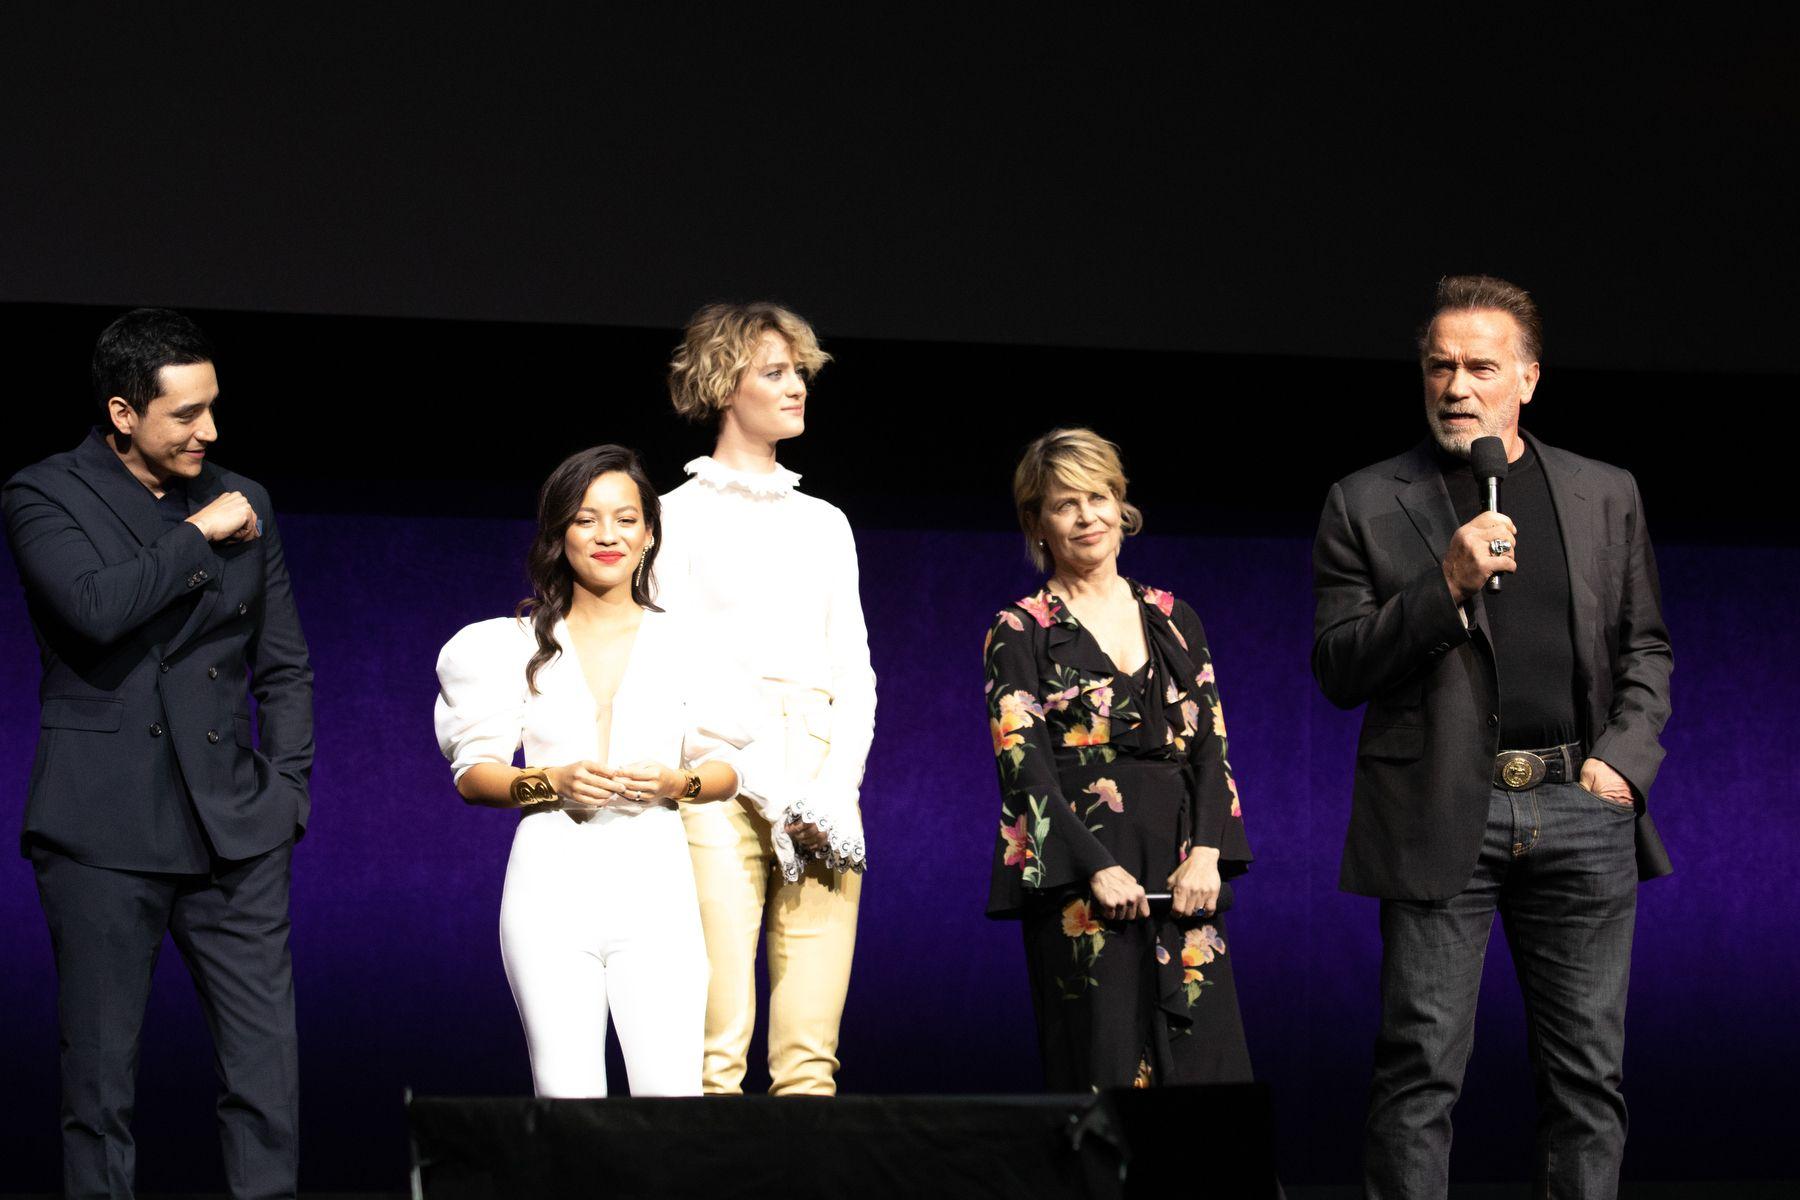 Термінатор Фатум на CinemaCon у Лос-Анджелесі актори